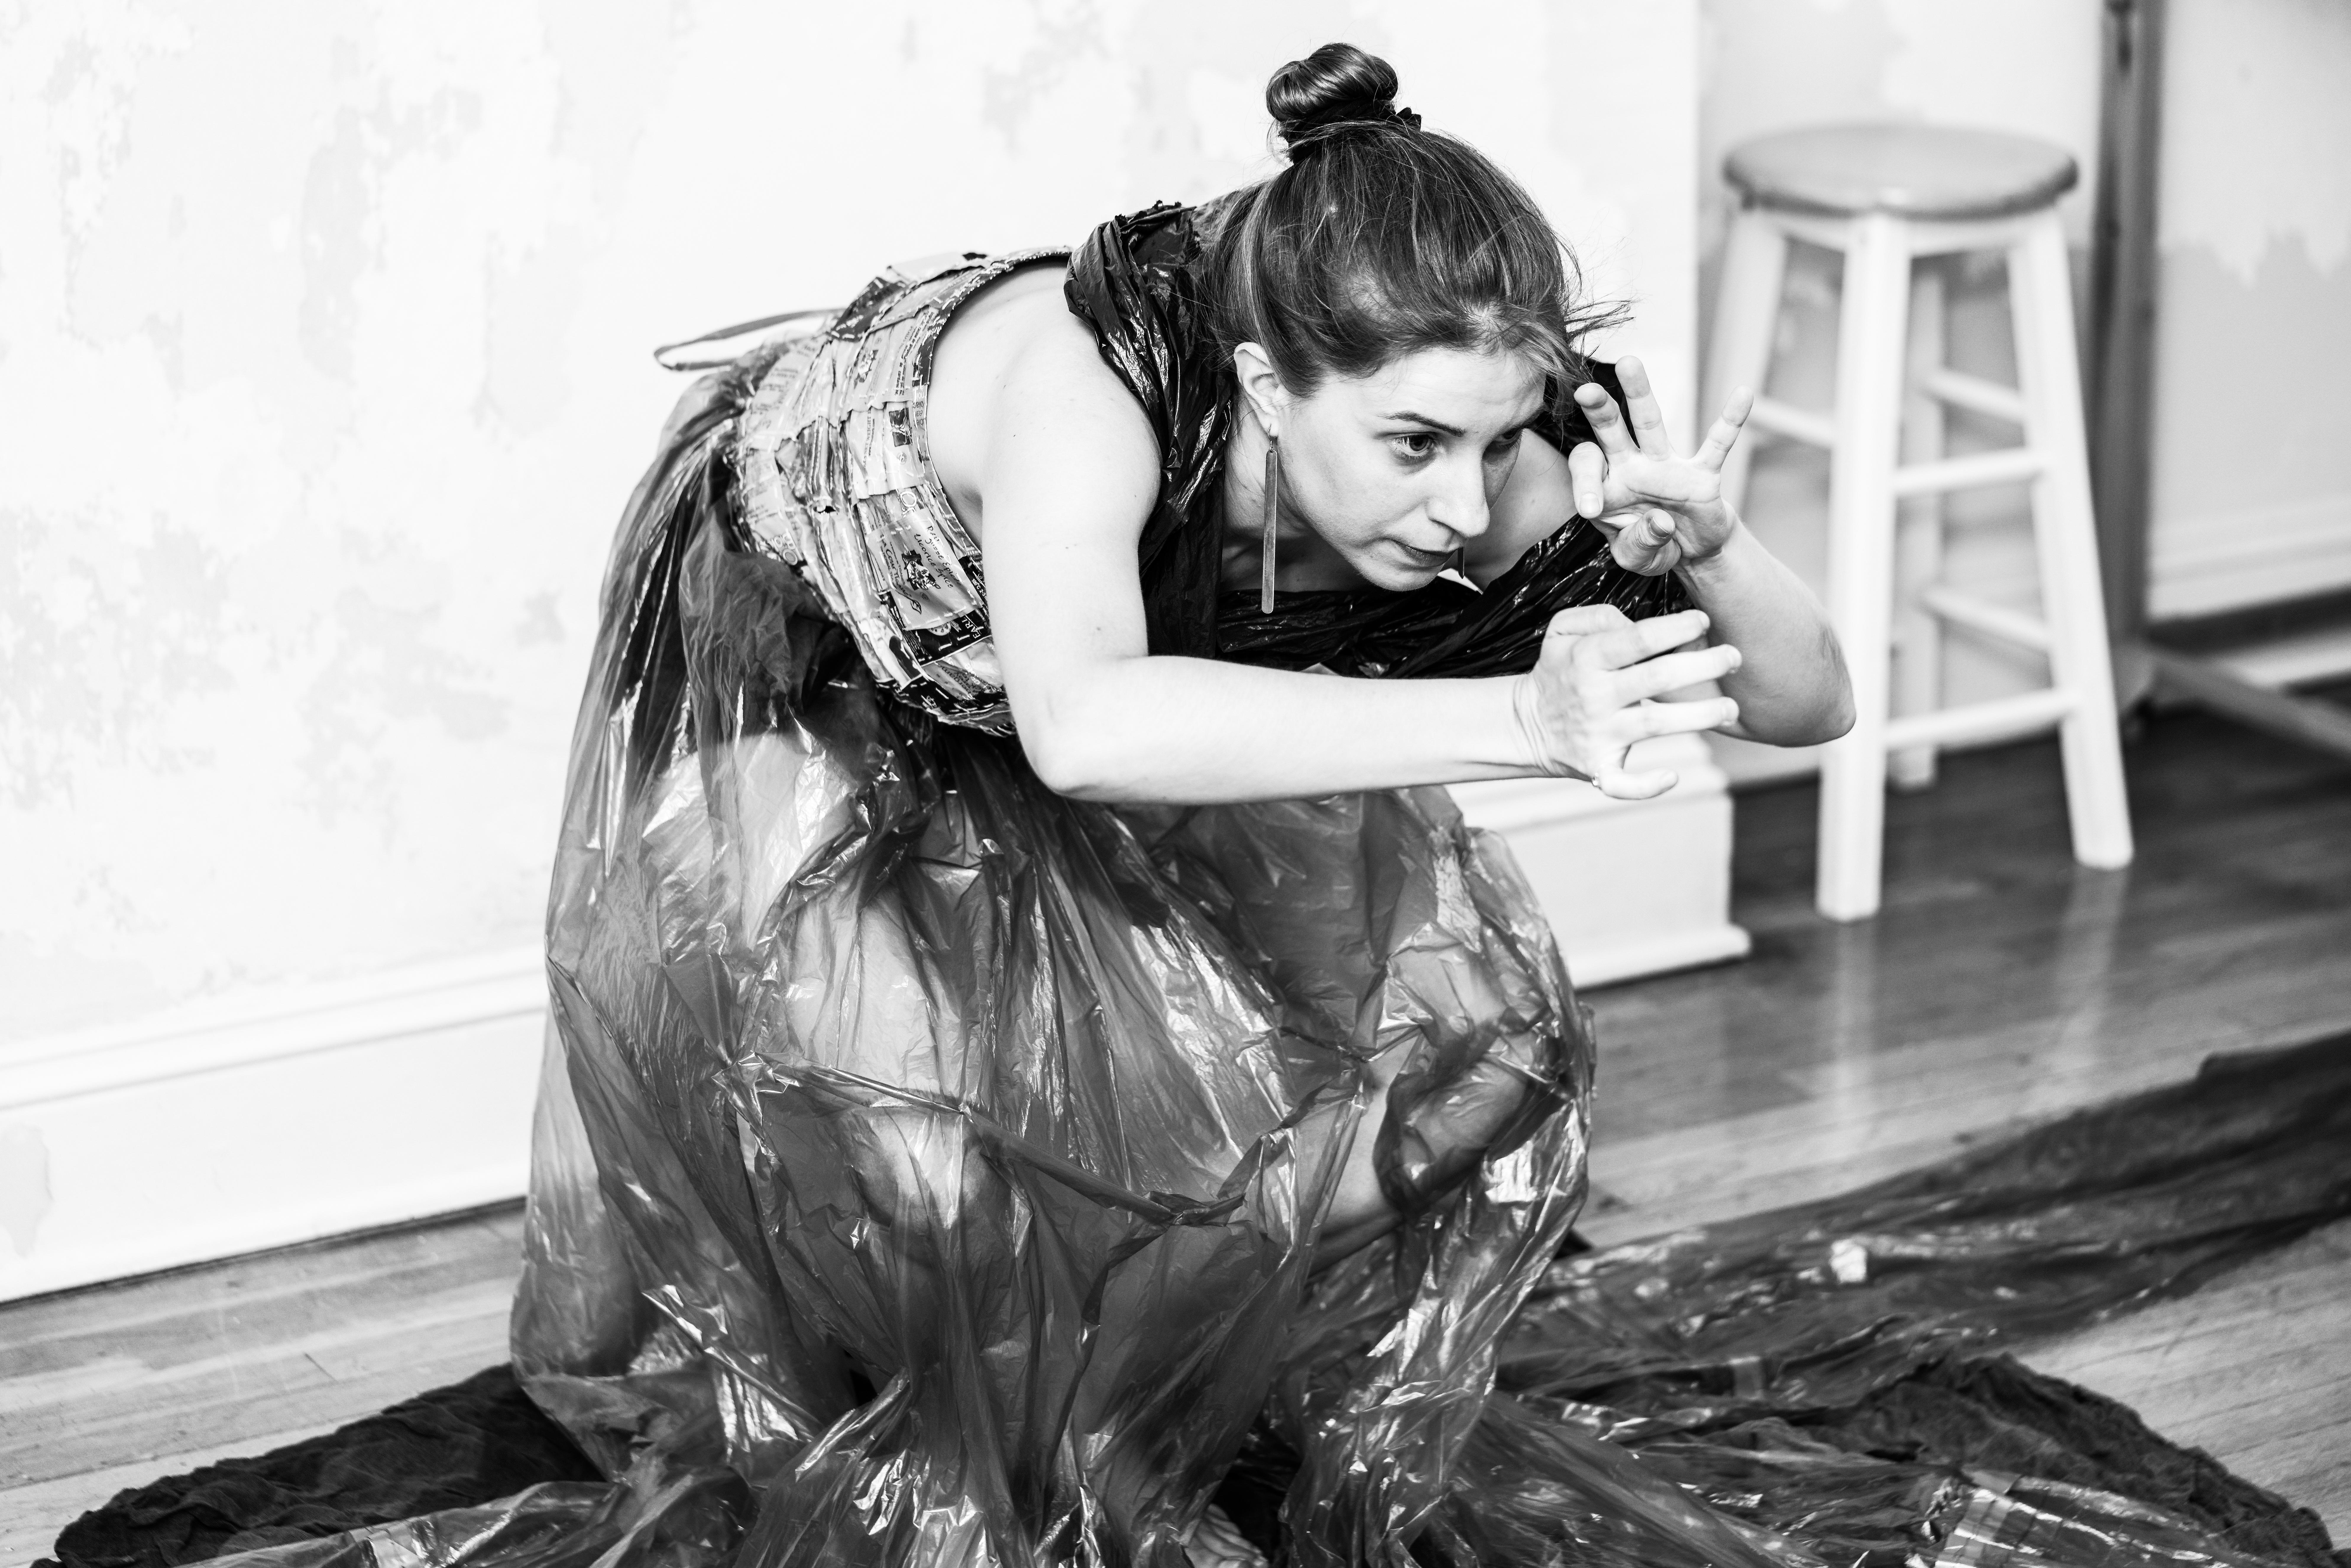 2019 - Luisa Muhr